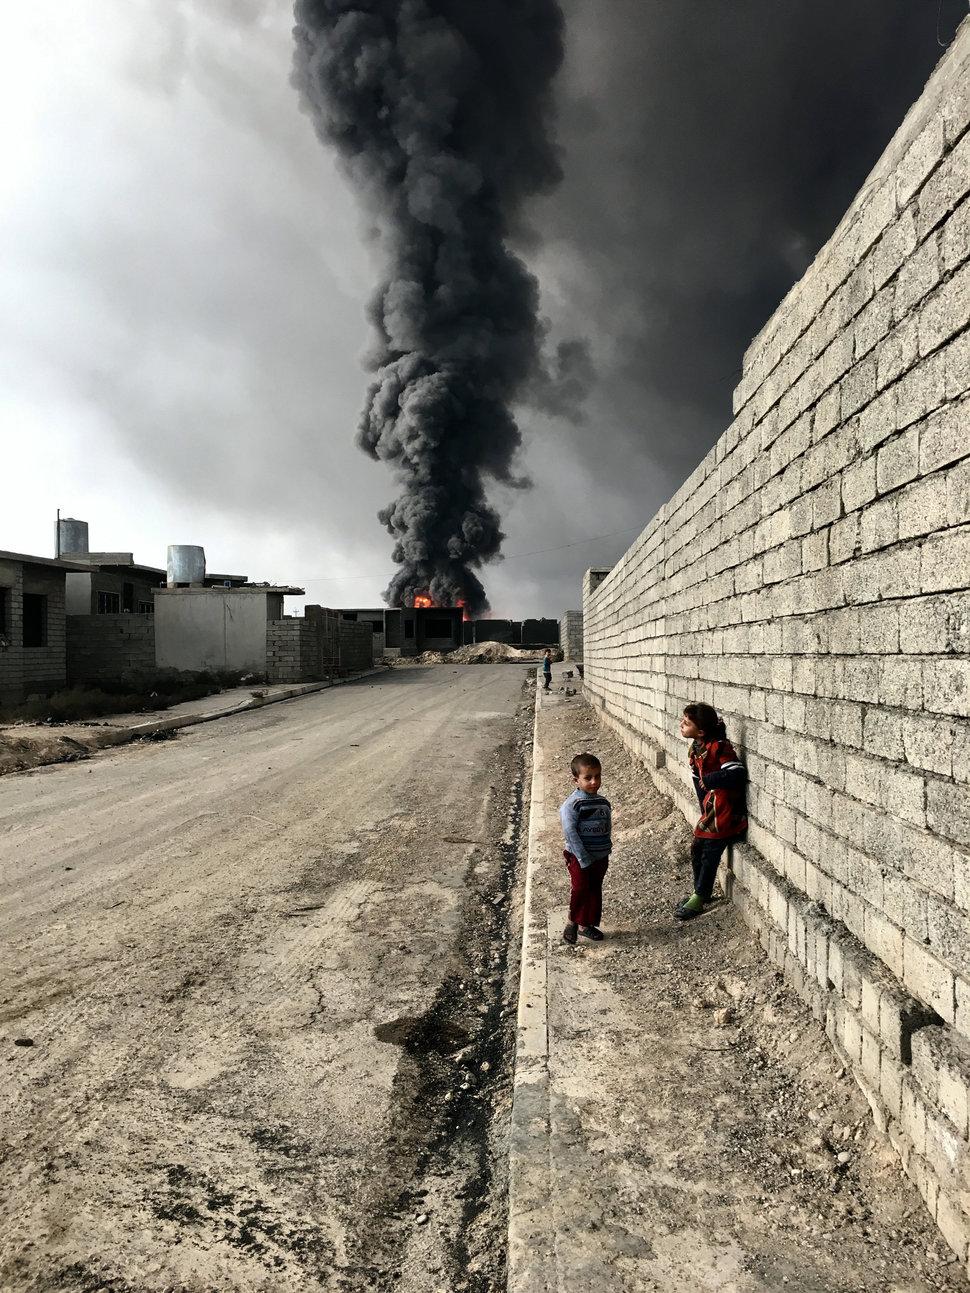 کودکانی که در کنار دیوار در نزدیکی دود و آتشی که نیروهای داعش برپا کرده اند، ایستاده اند.